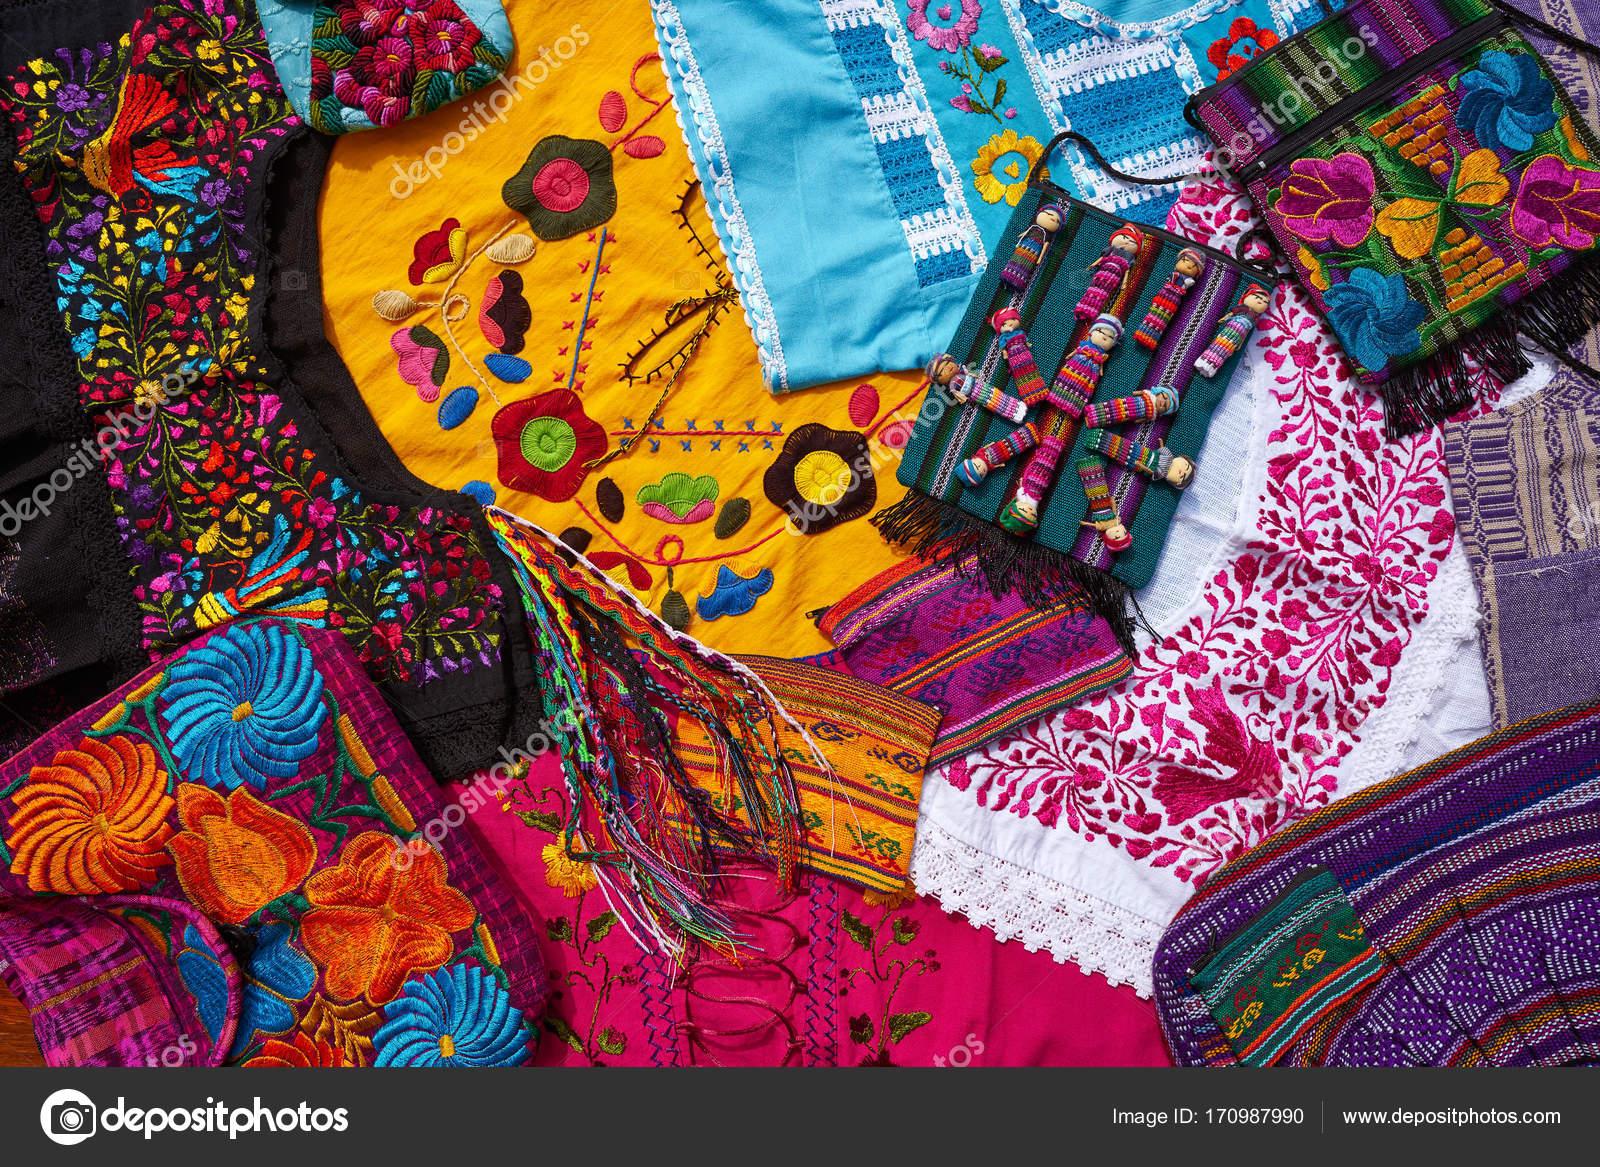 Armario De Quarto Solteiro Casas Bahia ~ Mistura de lembranças de artesanato mexicano Maia u2014 Stock Photo u00a9 lunamarina #170987990